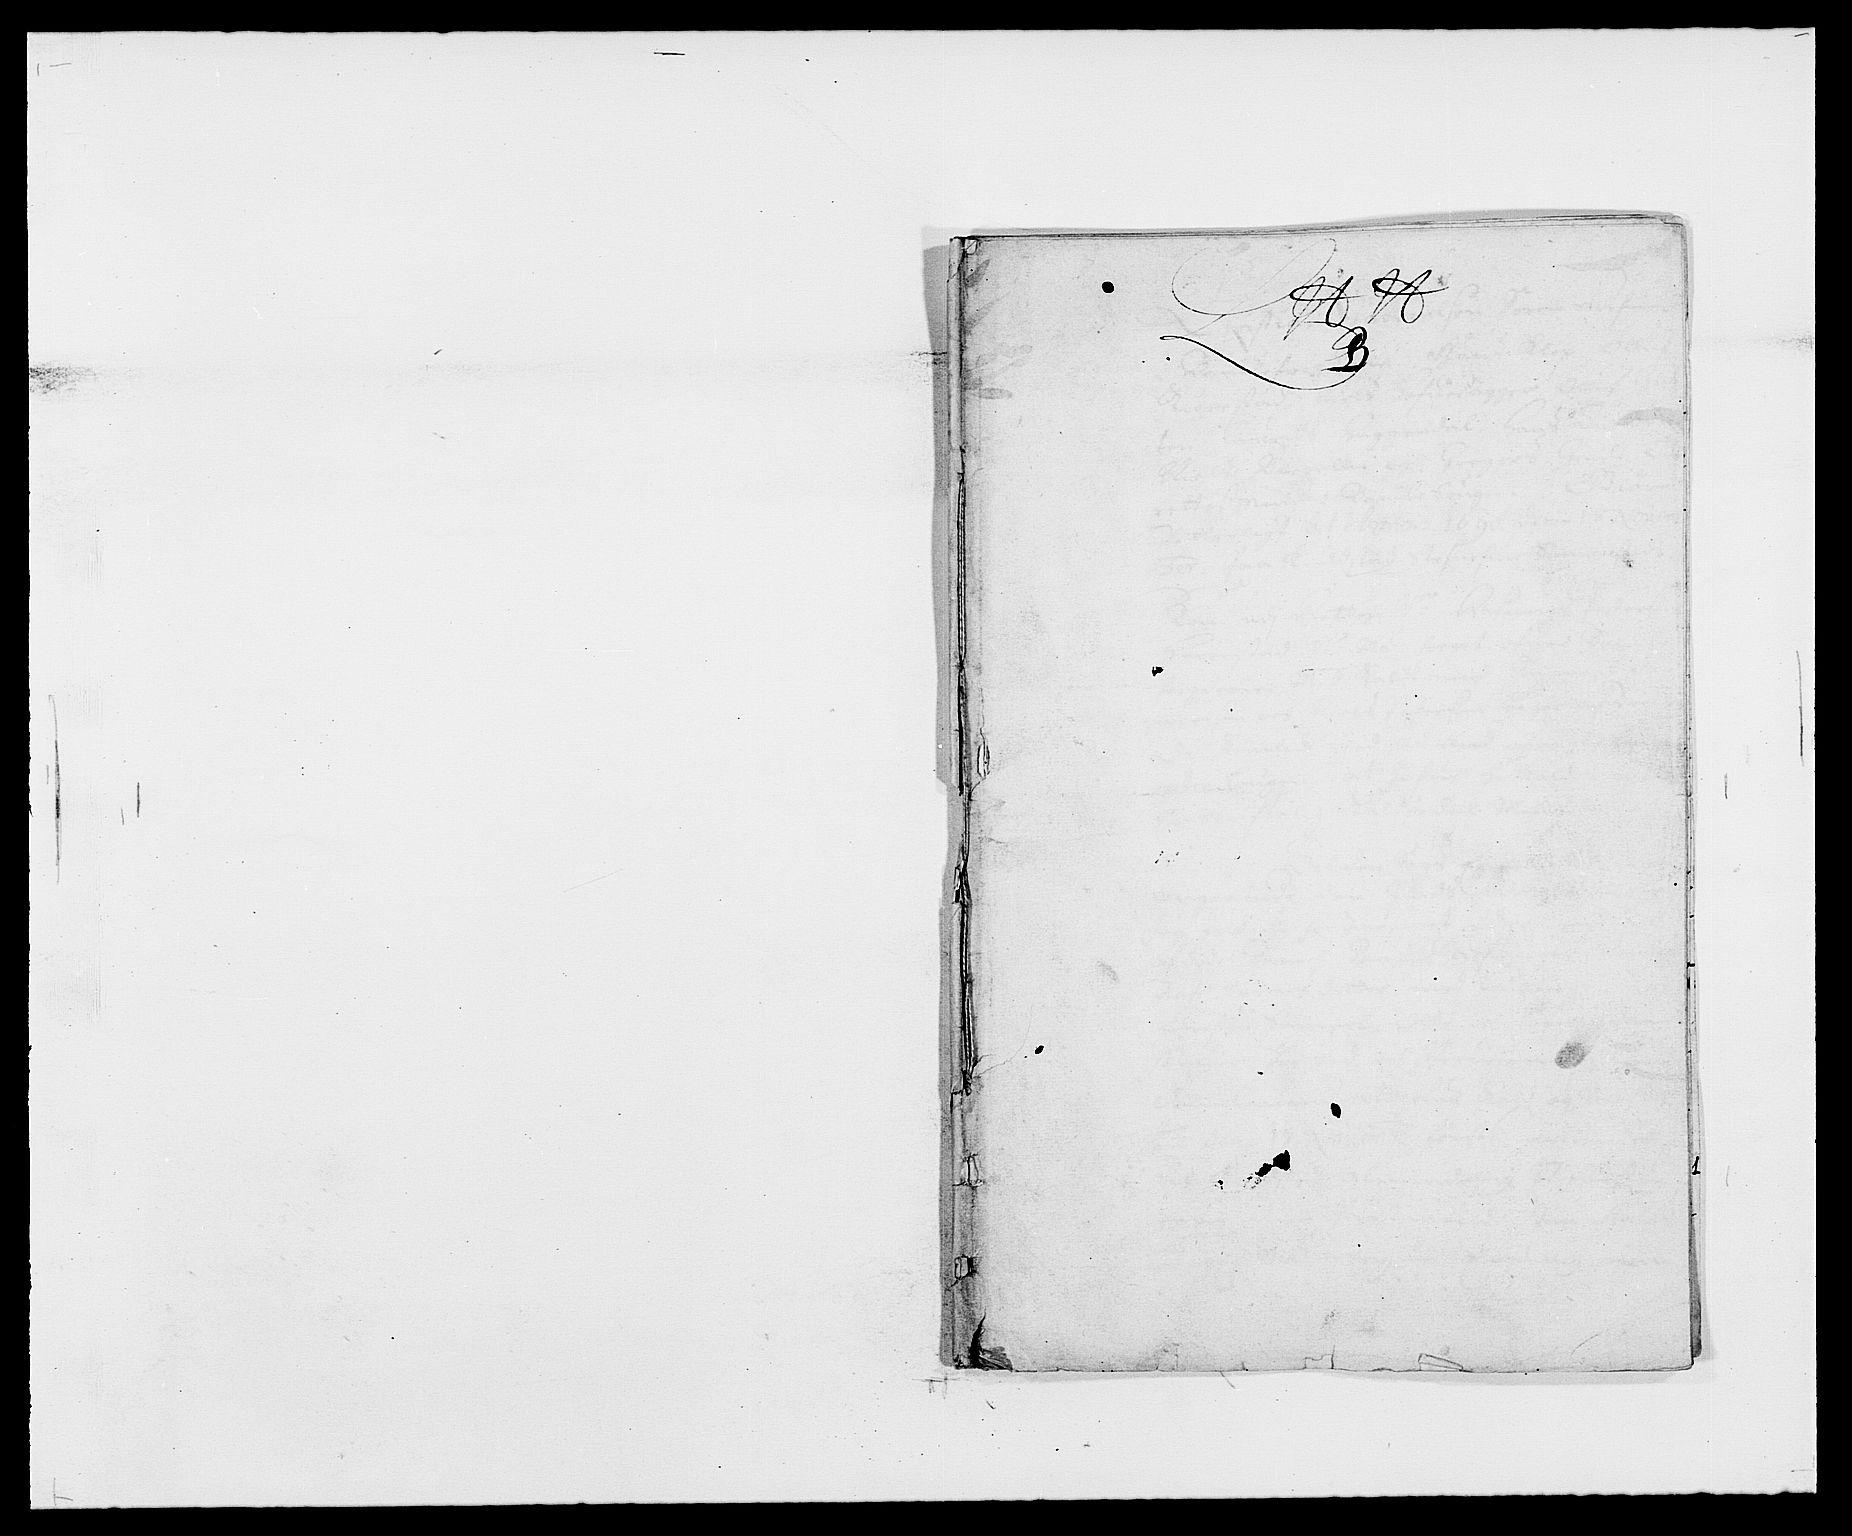 RA, Rentekammeret inntil 1814, Reviderte regnskaper, Fogderegnskap, R34/L2051: Fogderegnskap Bamble, 1688-1691, s. 181